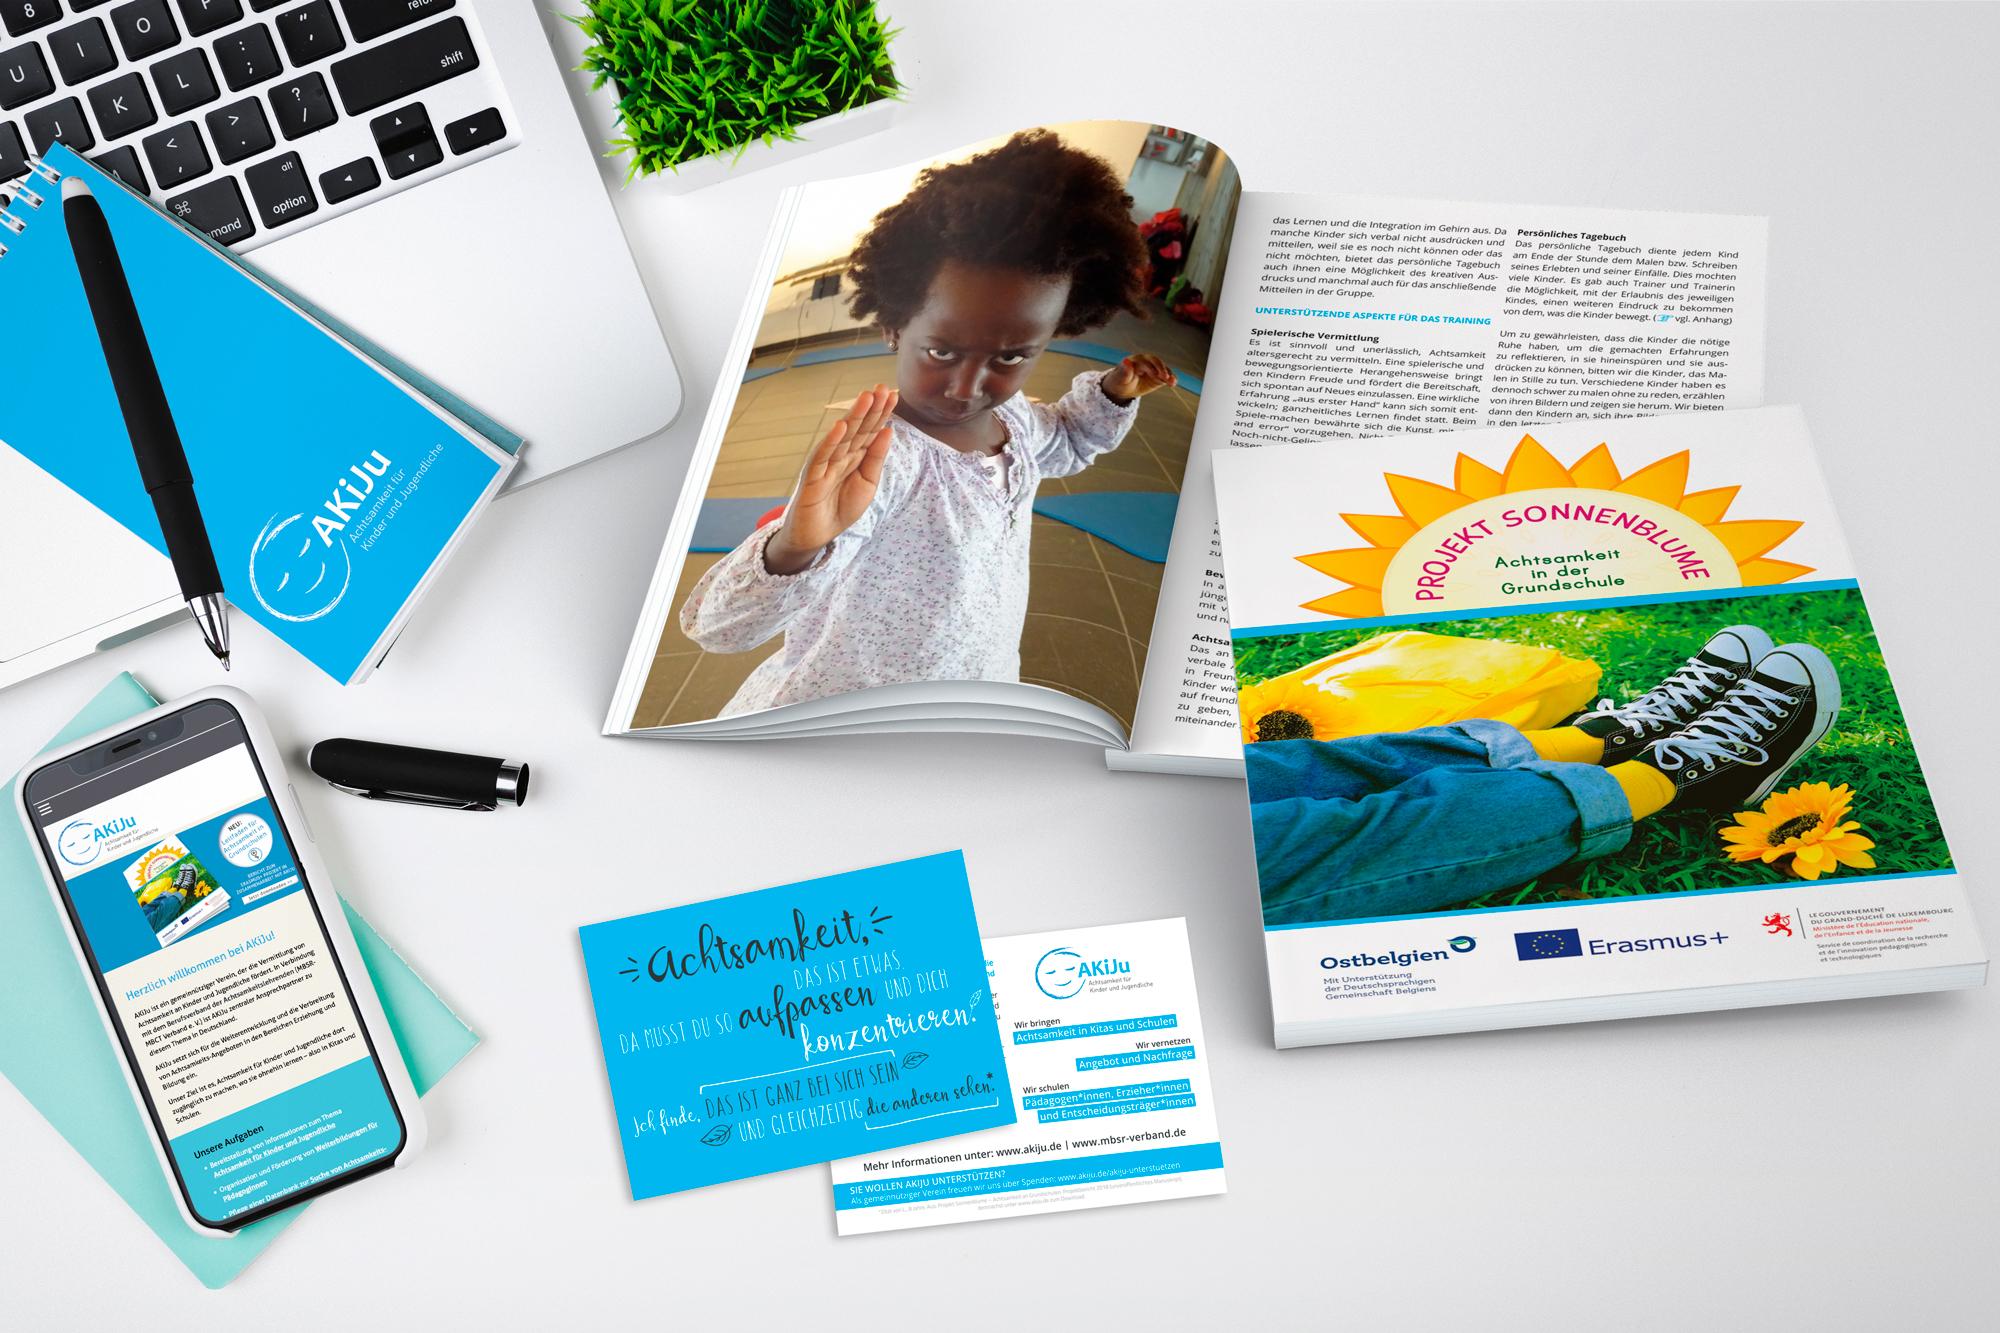 Kunde: MBSR Verband Berlin / AKiJu - Broschüre Achtsamkeit an Schulen